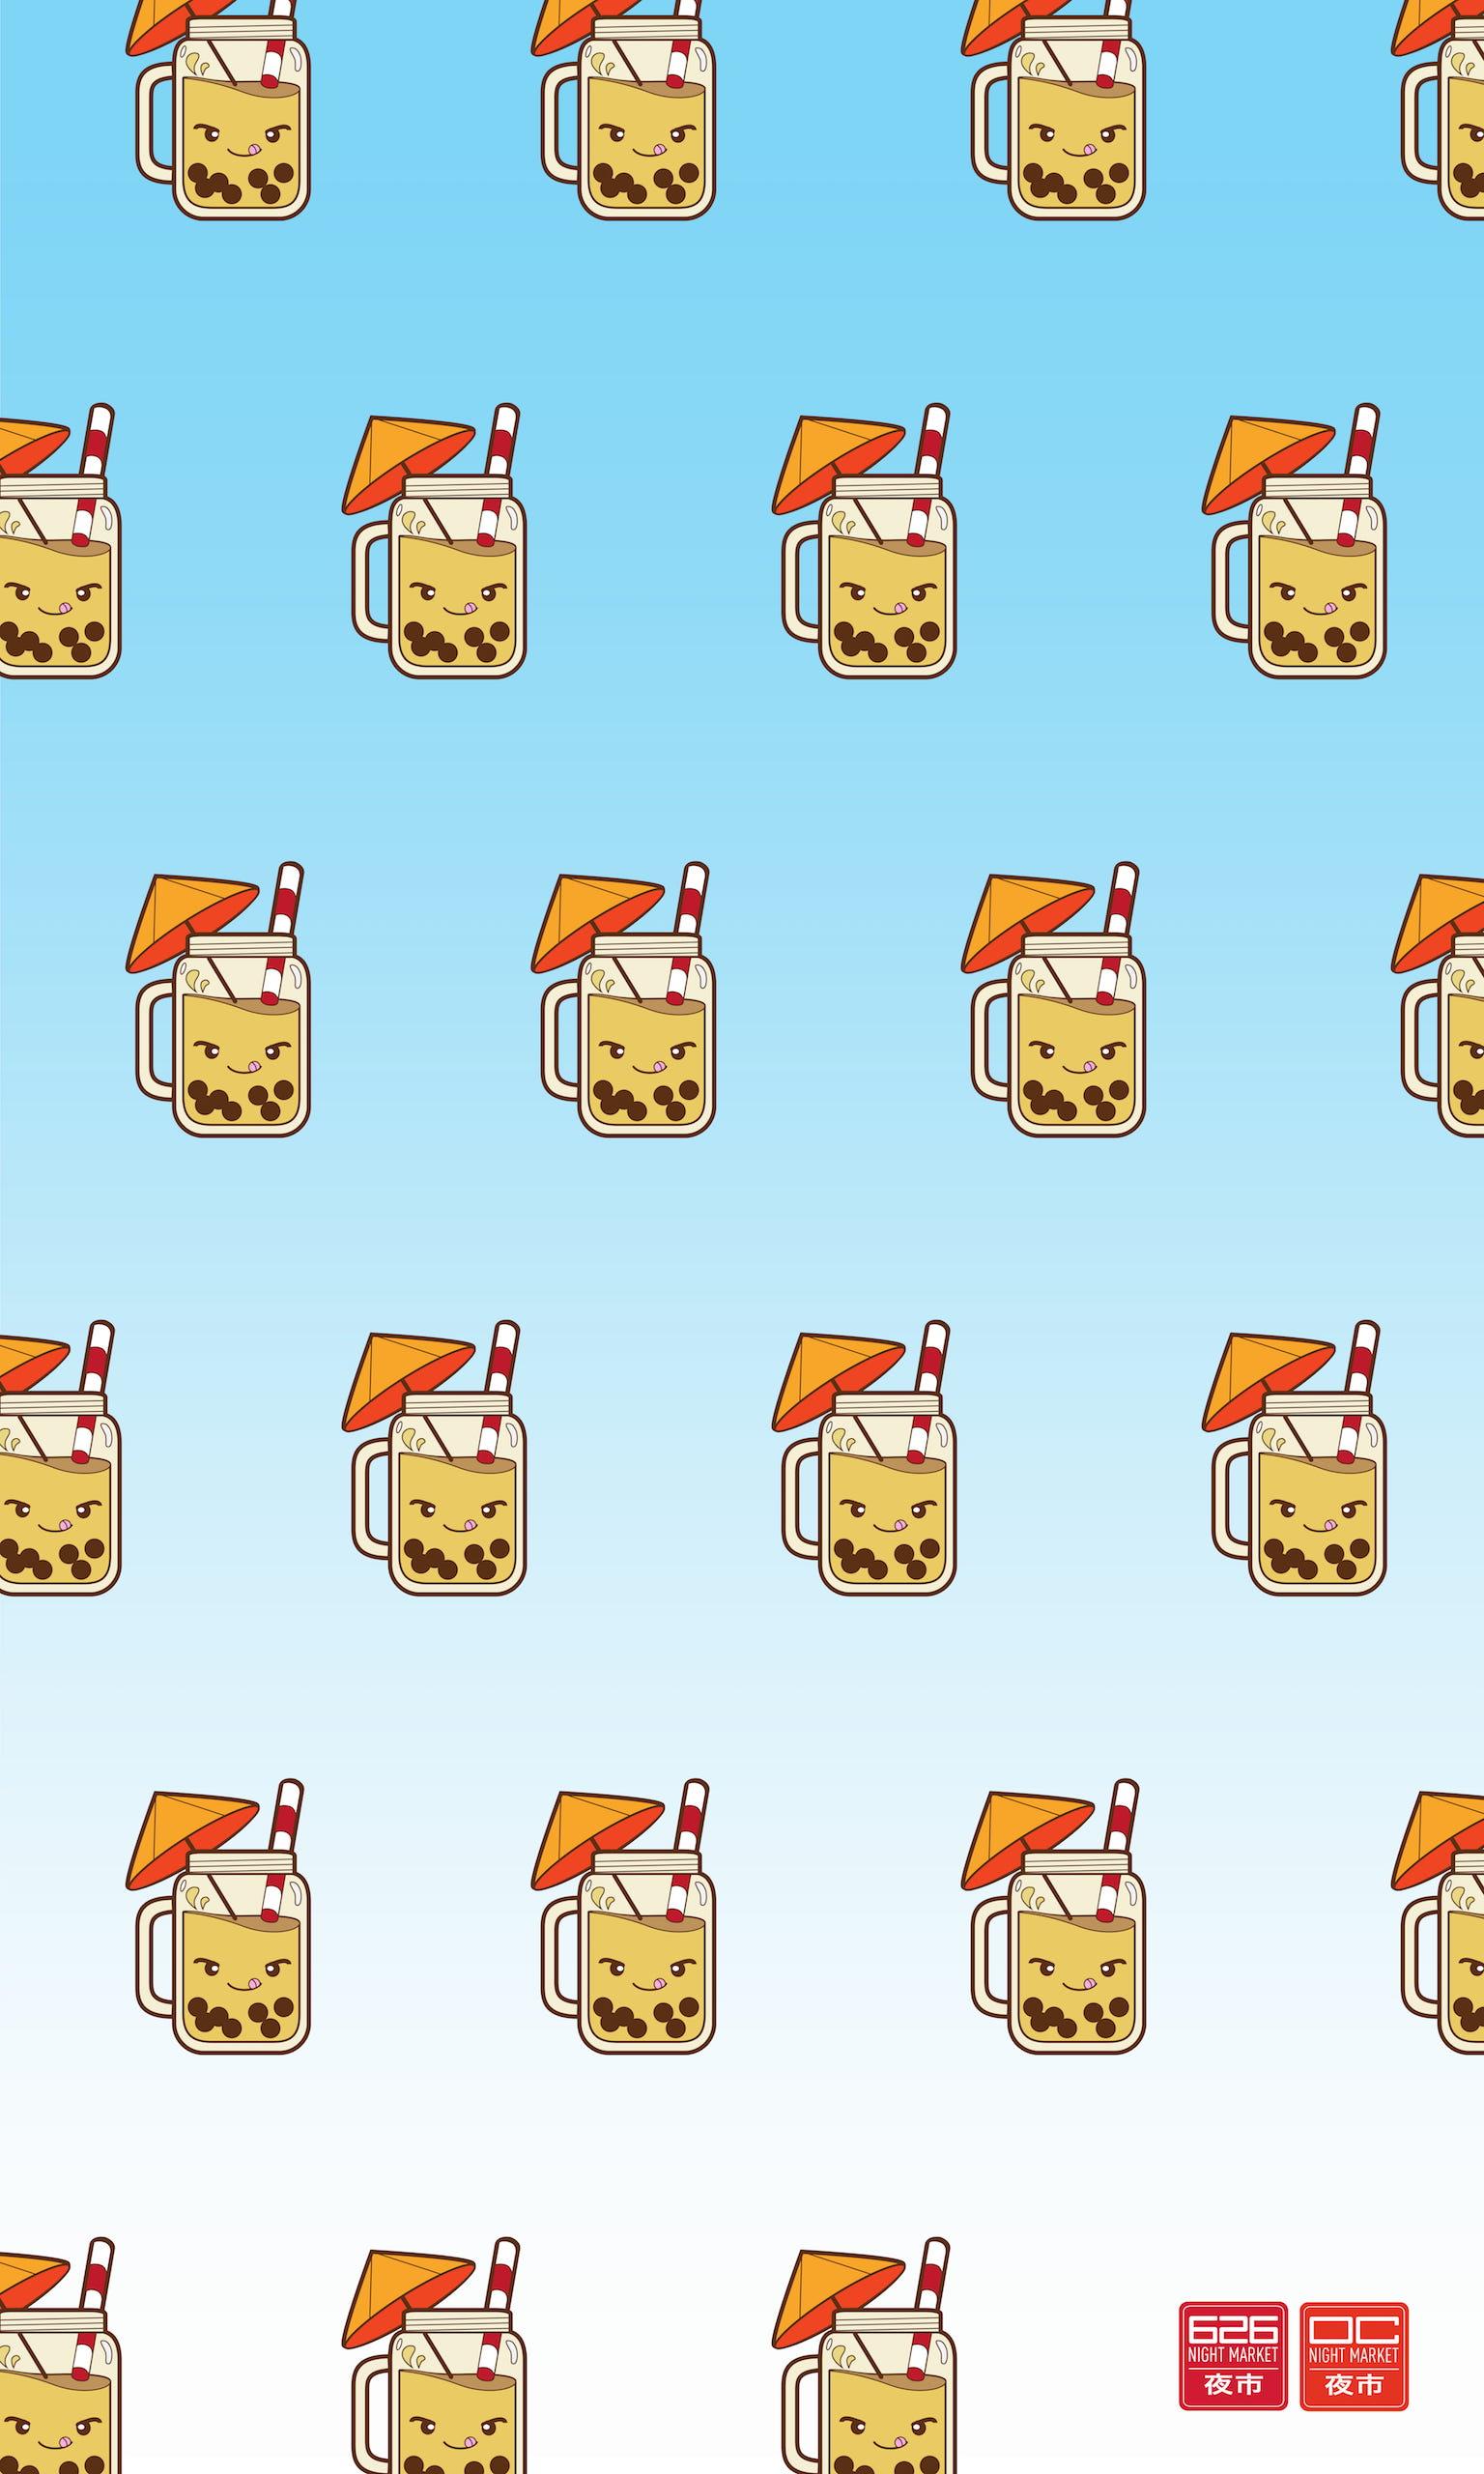 oc-night-market-blue-boba-phone-wallpaper.jpg